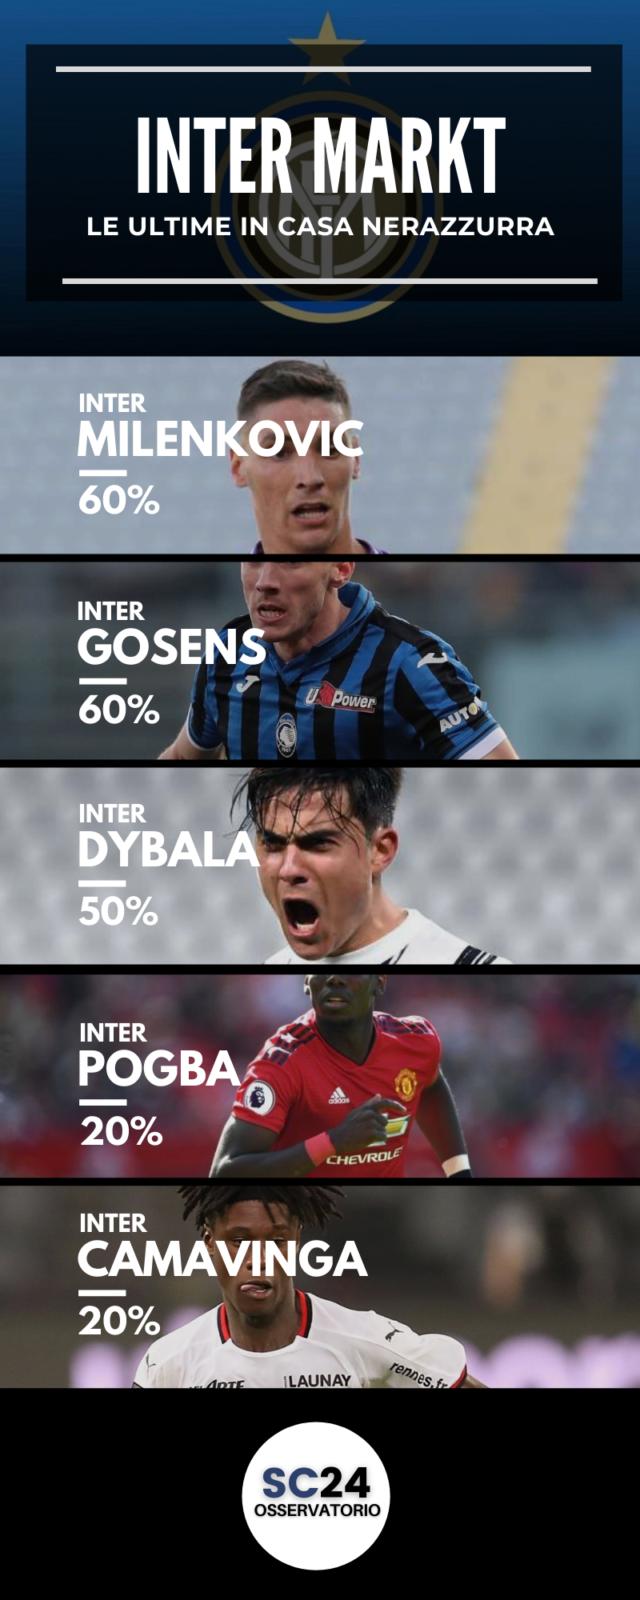 L'Inter pensa a cinque giocatori in  scadenza nel 2022